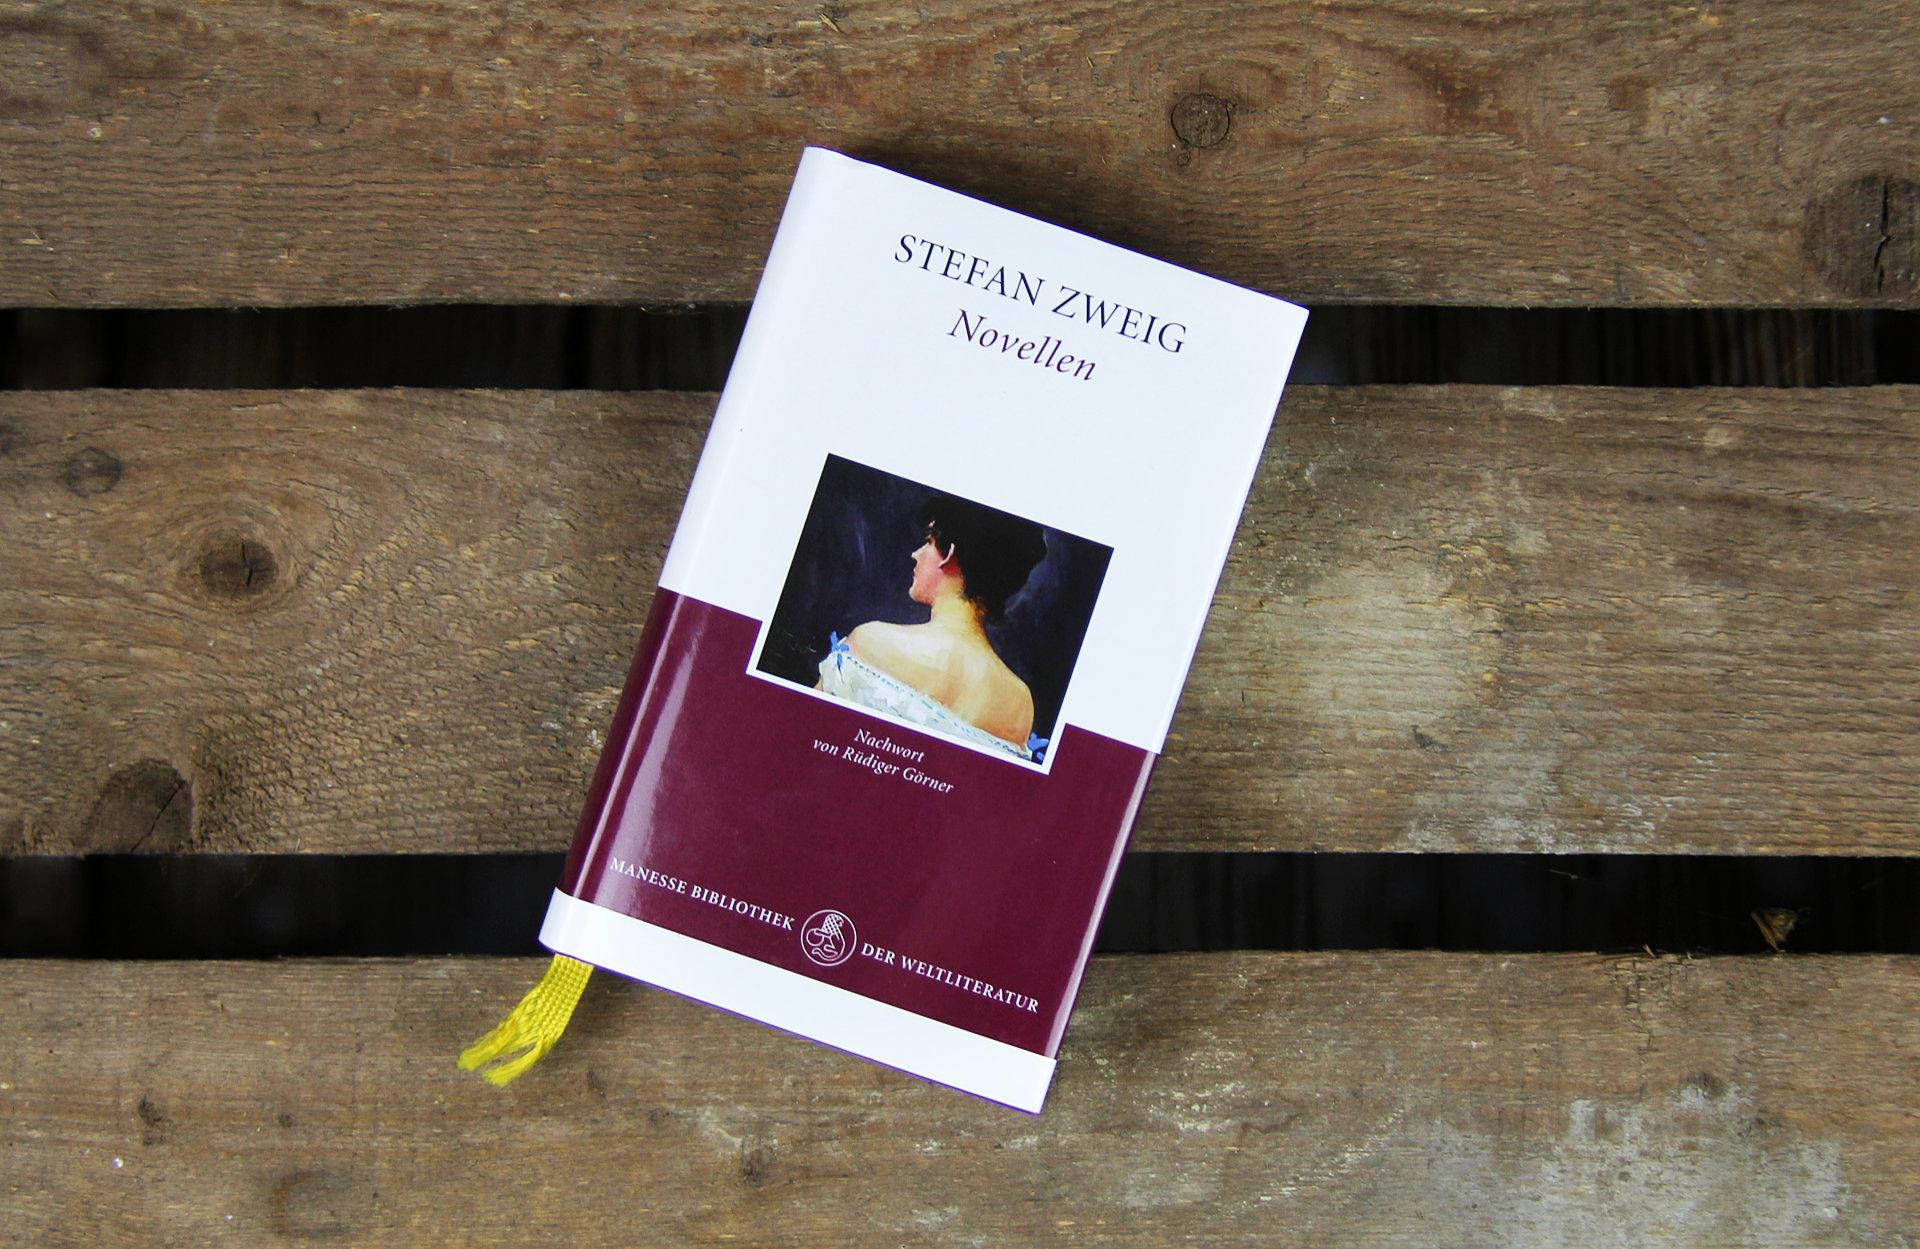 Novellen • Stefan Zweig